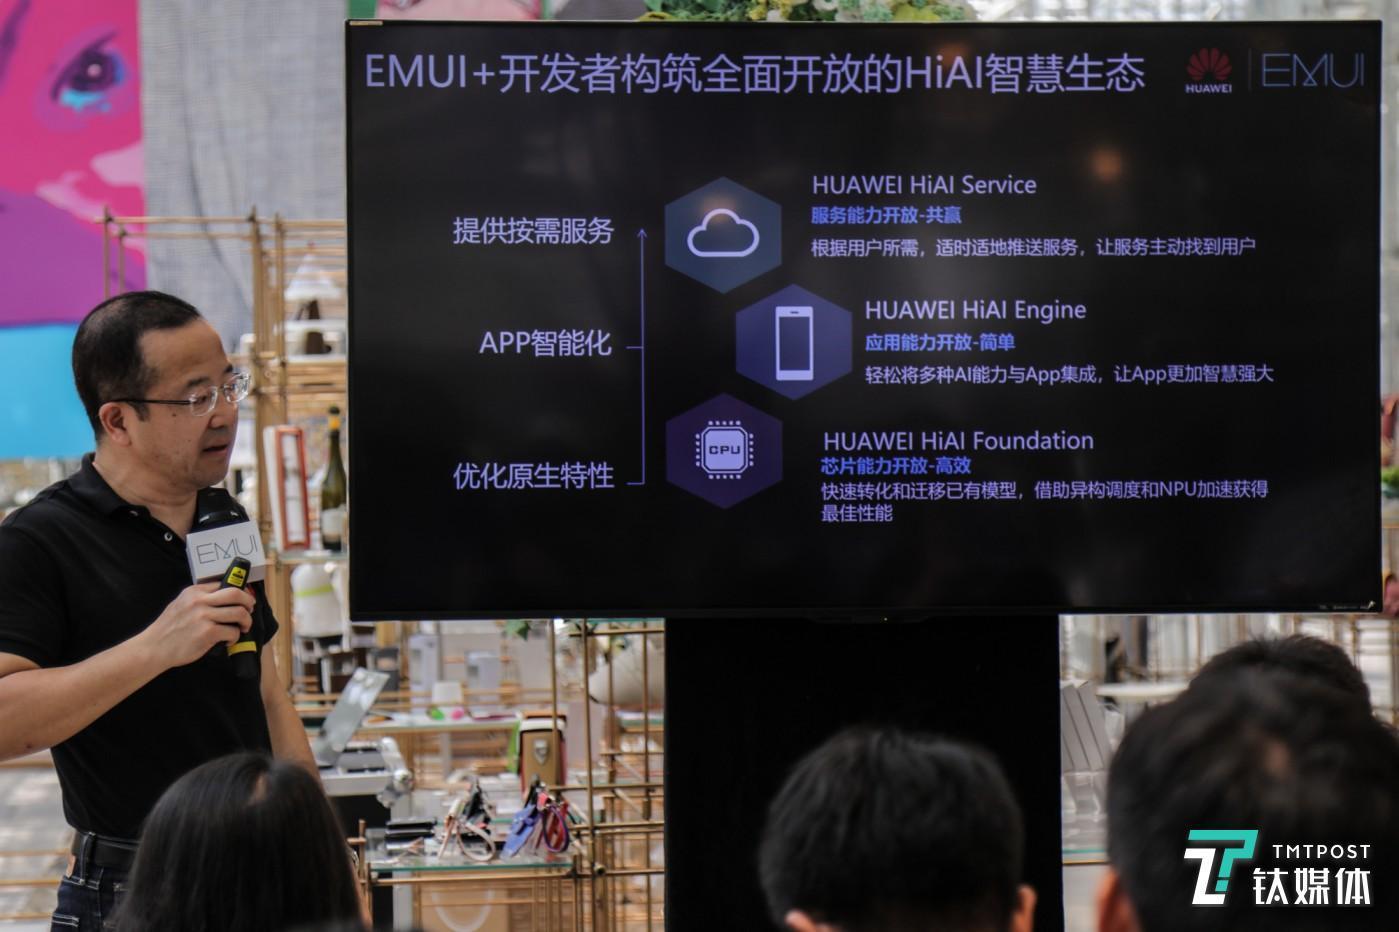 未来EMUI系统将会为开发者构筑全面开放的HiAI生态